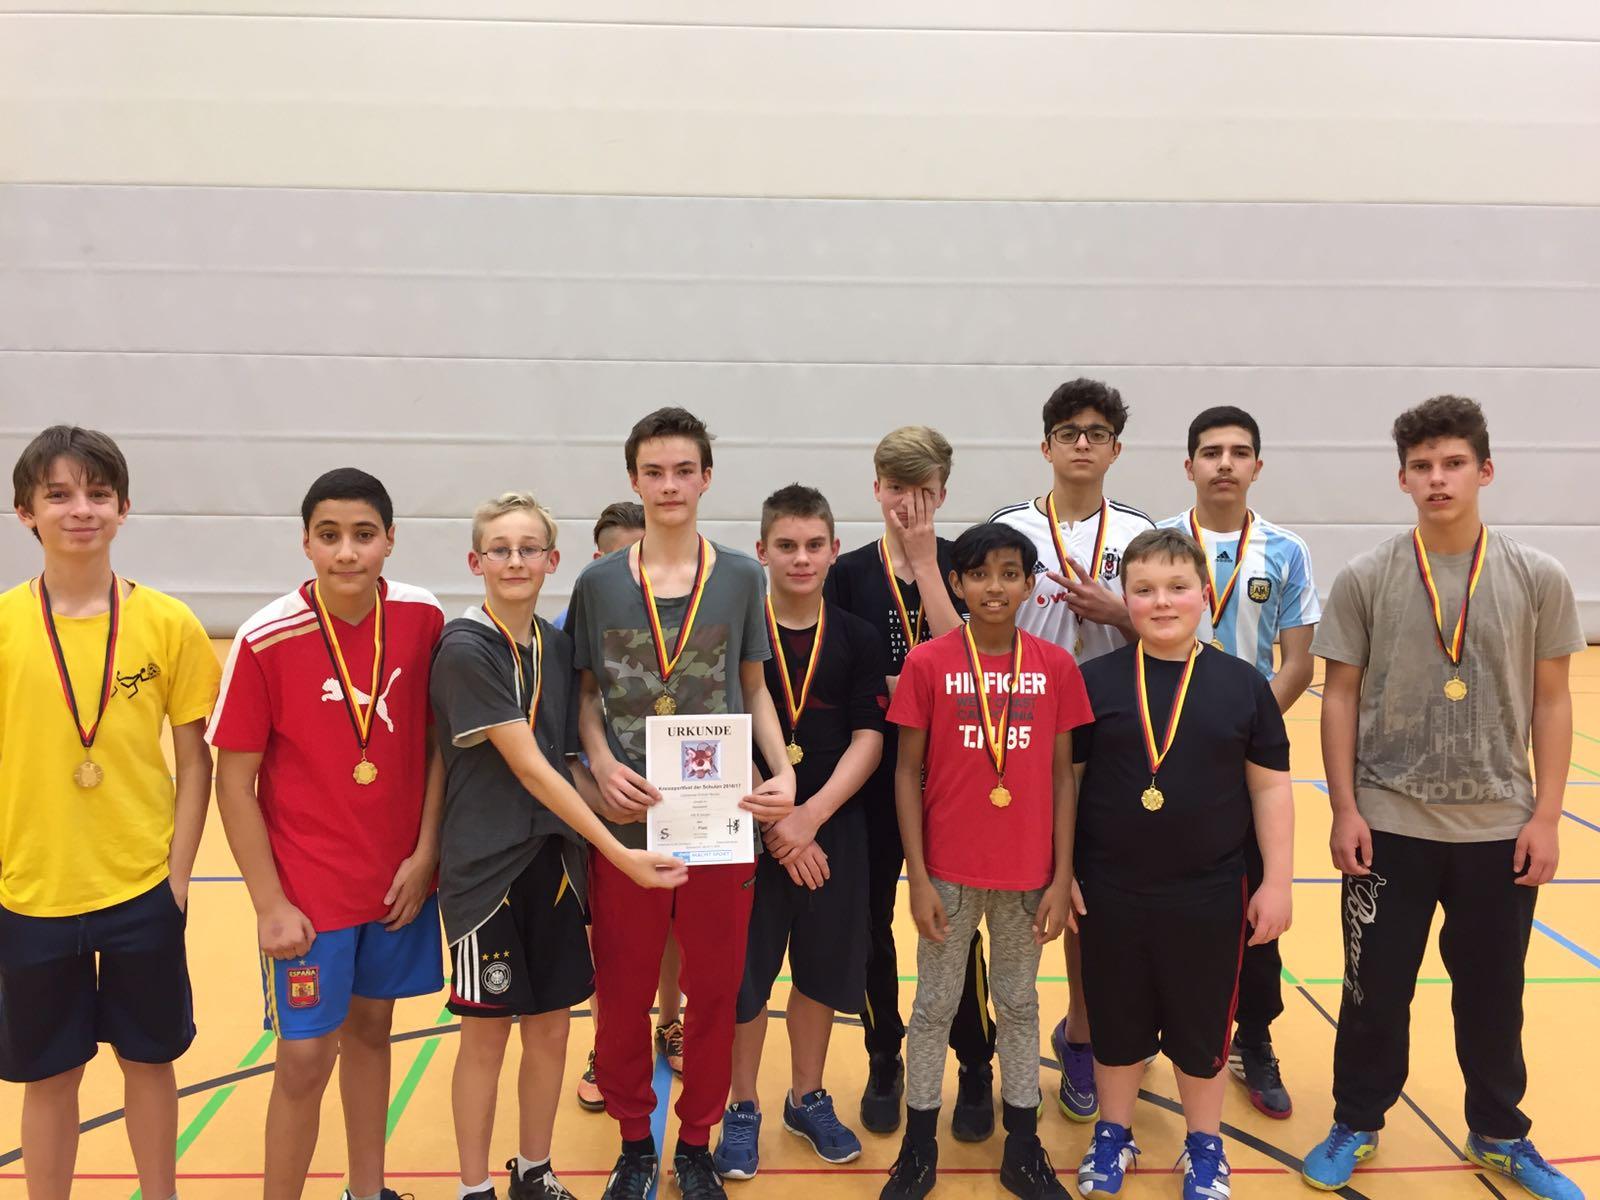 3. Platz bei den Basketball-Kreismeisterschaften